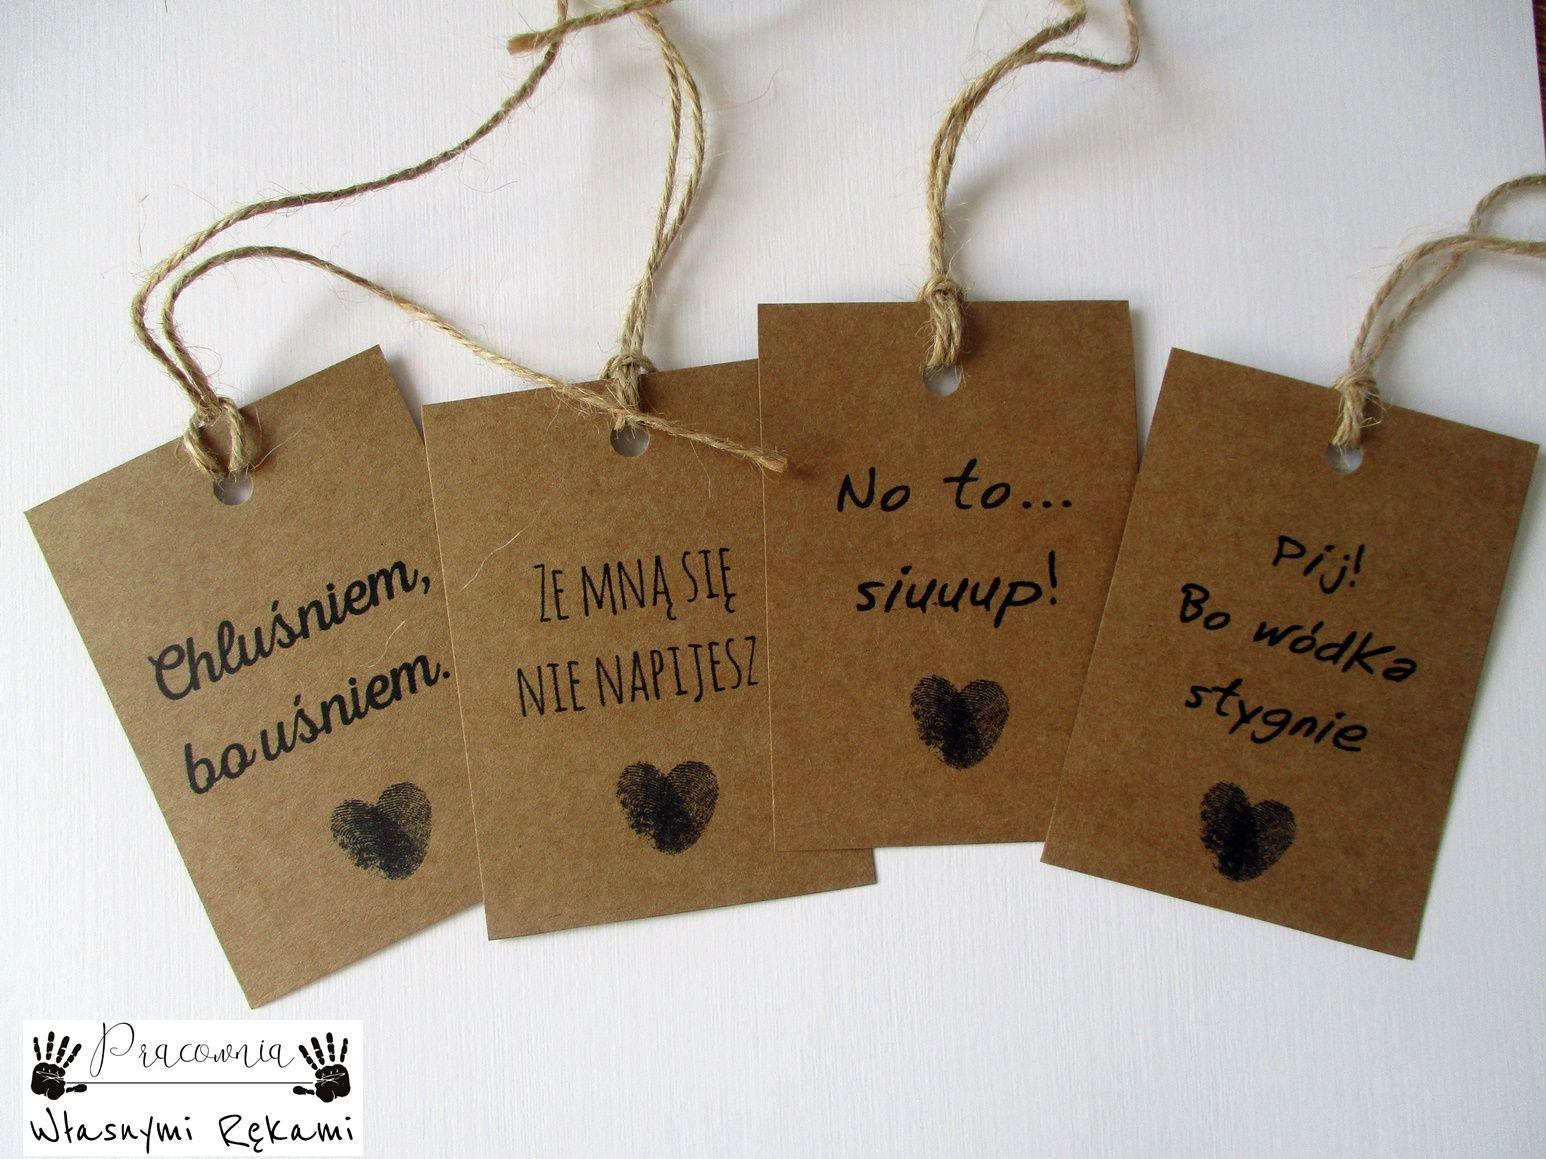 Zawieszki Na Alkohol Eko Rustykalne Rozne Wz 2szt 7112340150 Oficjalne Archiwum Allegro Rustic Wedding Wedding Decorations Wedding Day